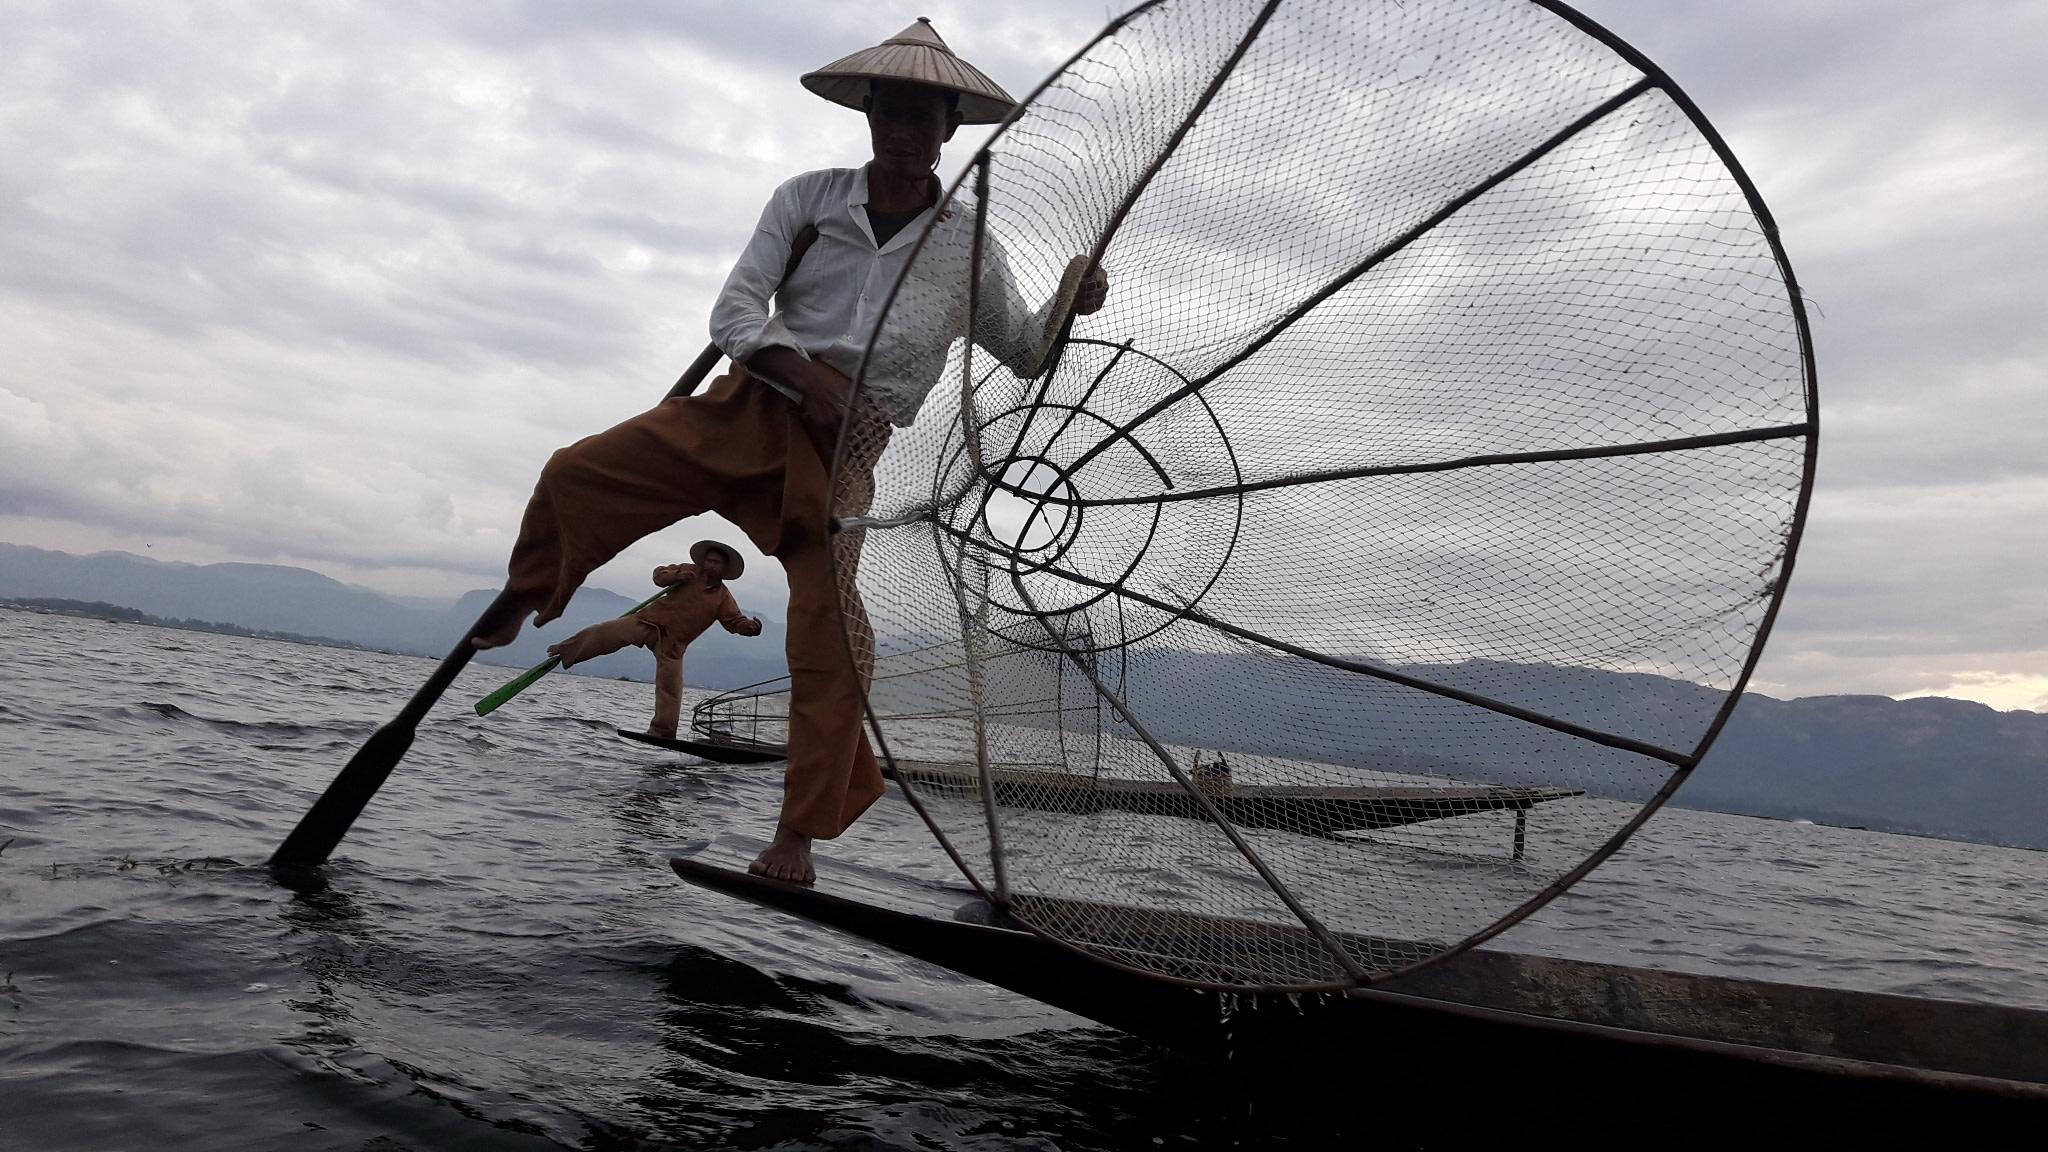 One Leg rower Fishermen at Inle Lake